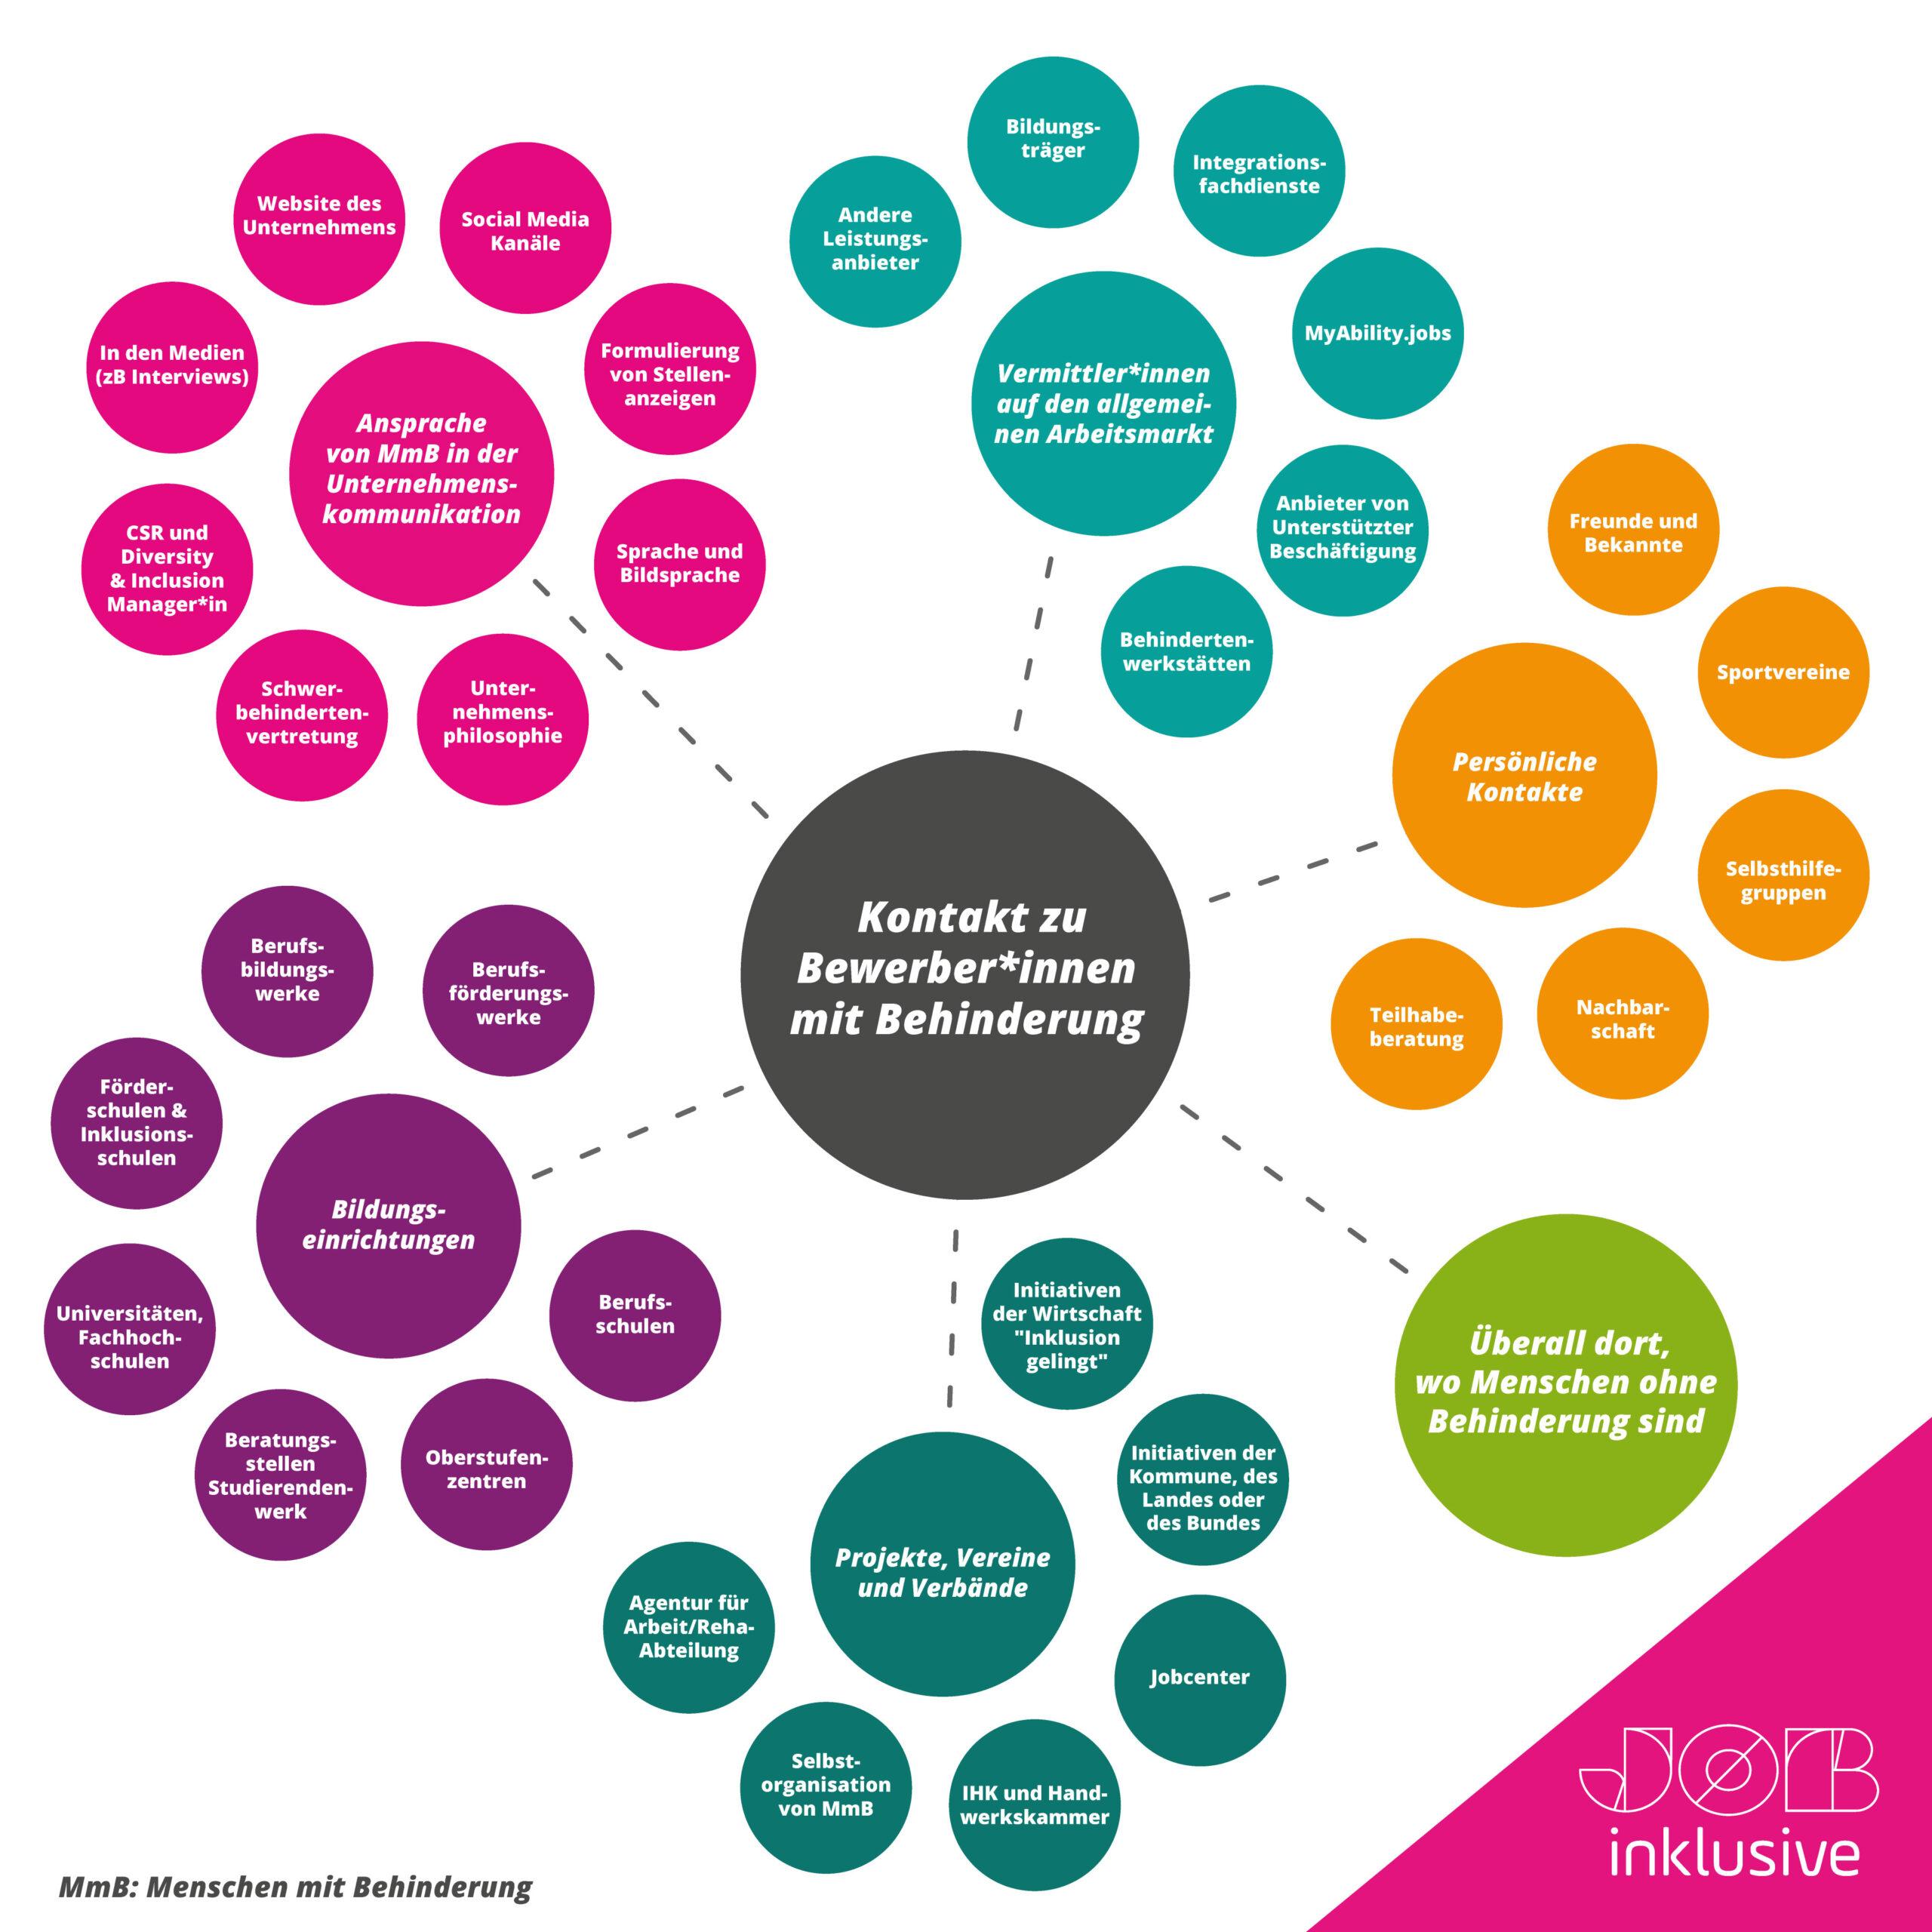 Grafik die viele verschiedene Möglichkeiten darstellt, wie Unternehmen in Kontakt mit Menschen mit Behinderungen kommen